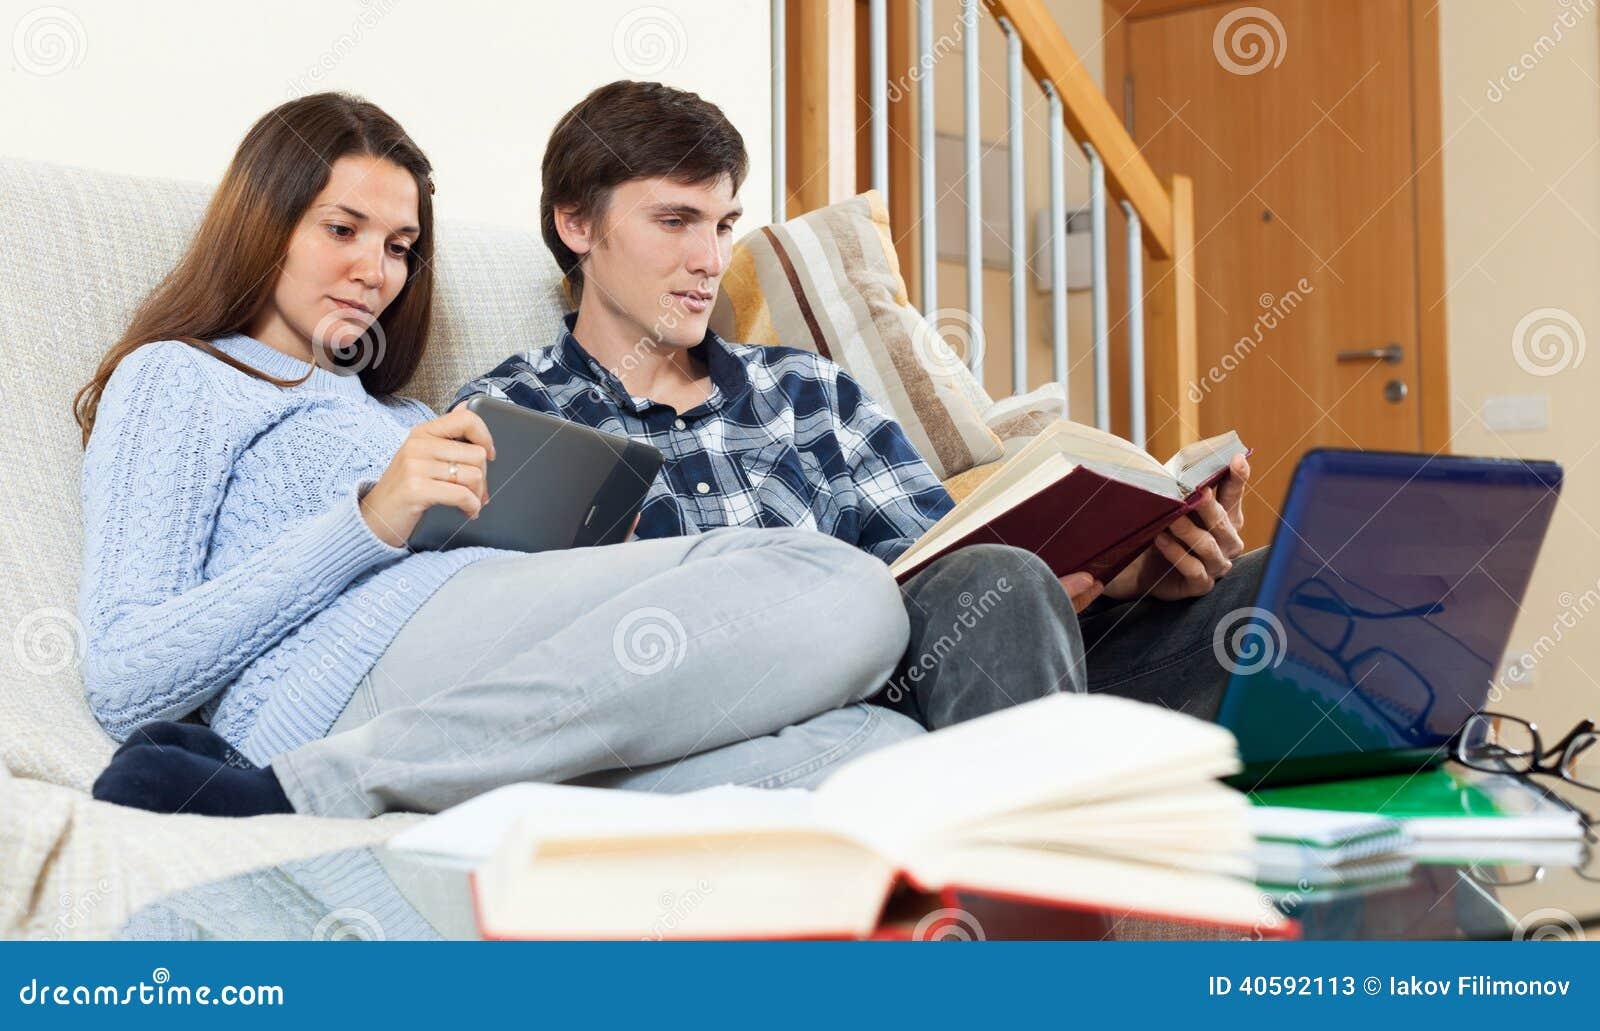 Маленькая девочка при парень студента уча для рассмотрений совместно